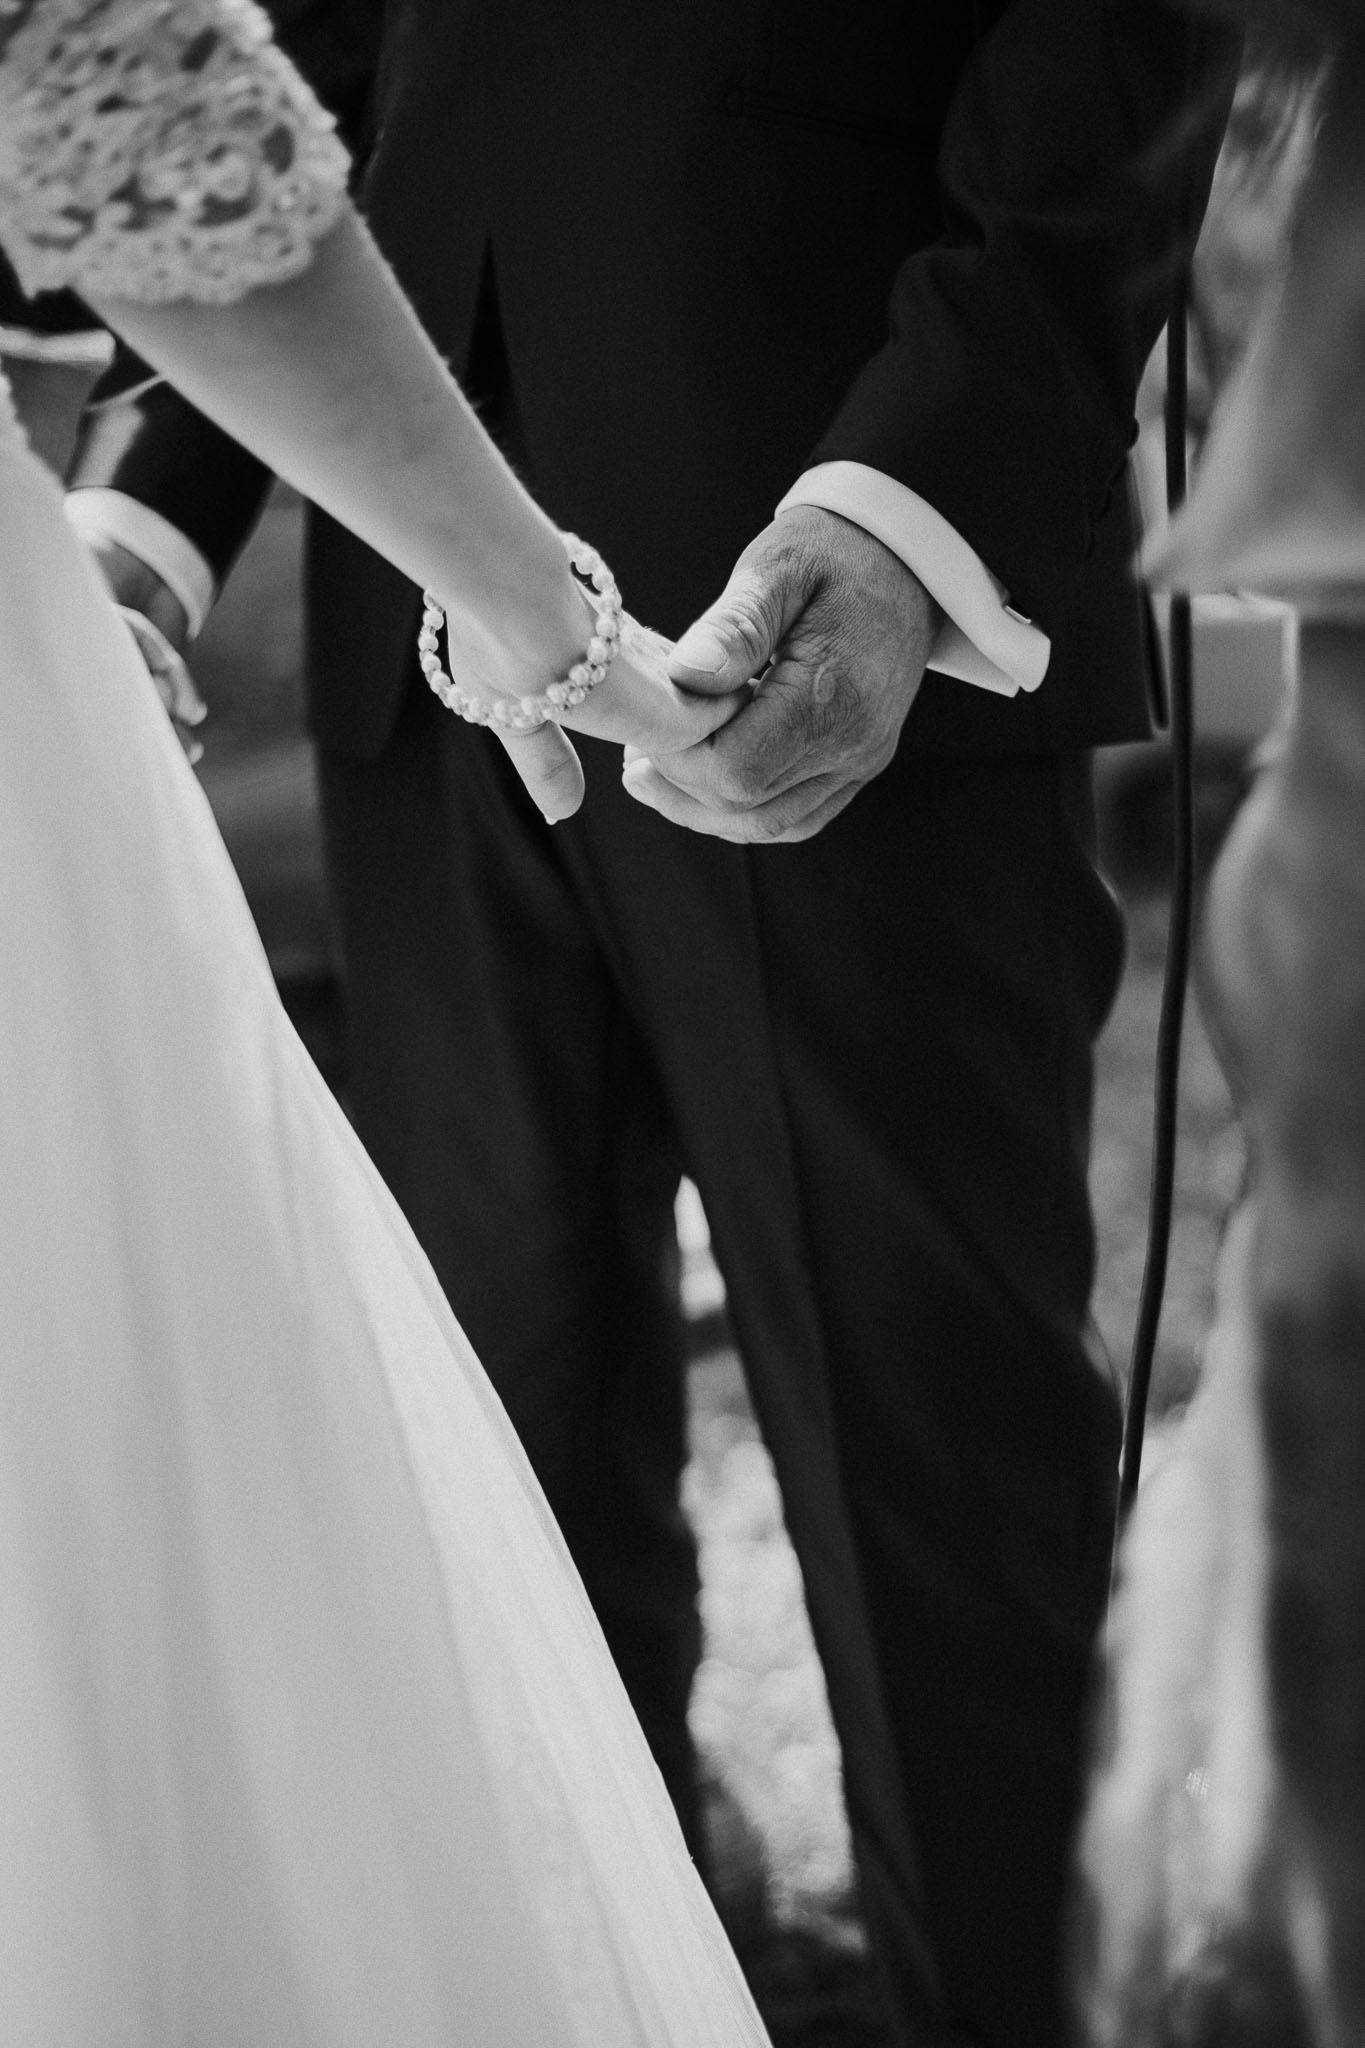 Bild der Hände des Brautpaares, wie sie sich festhalten